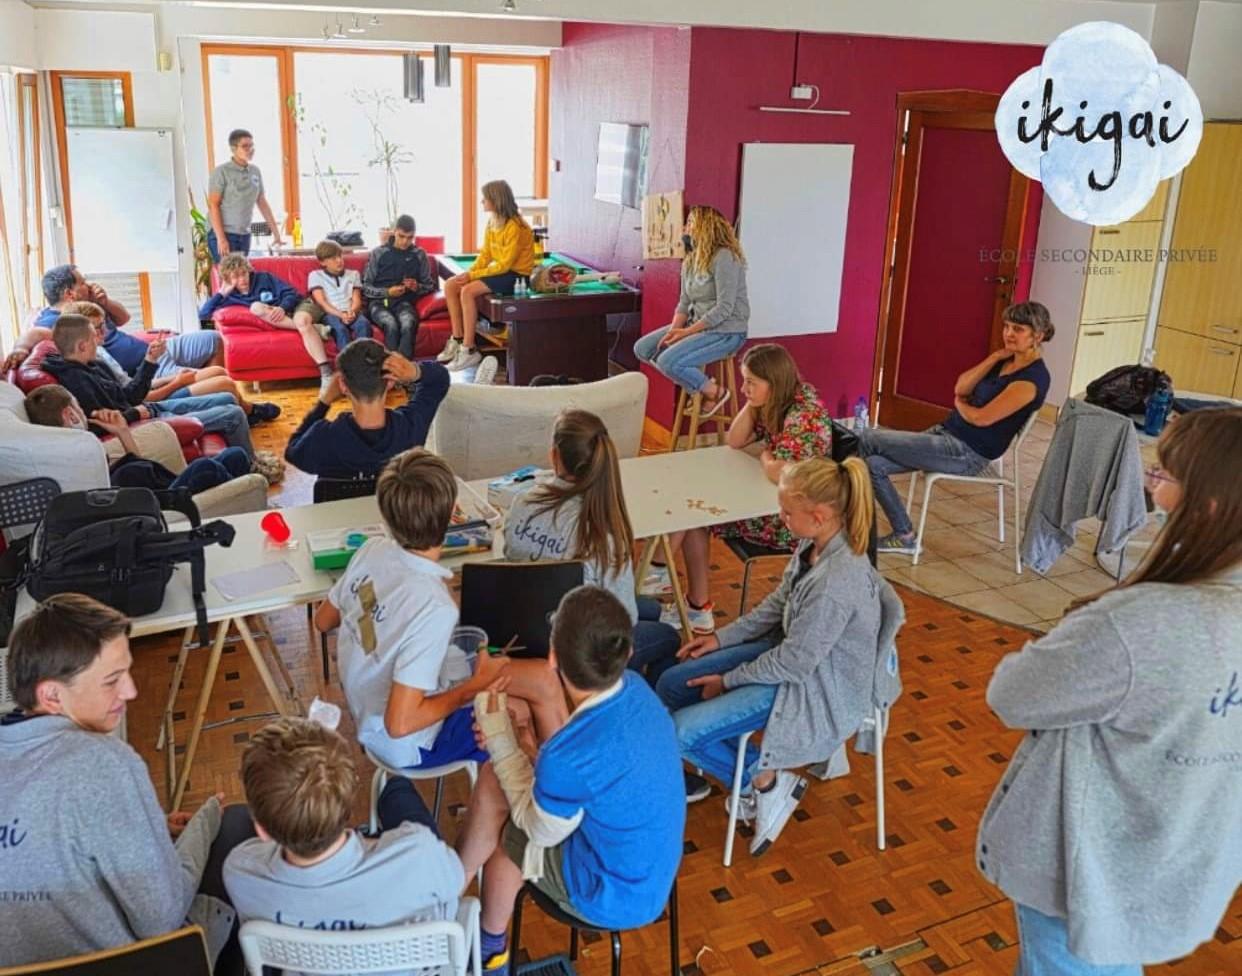 Une école secondaire où on apprend autrement à Liège!